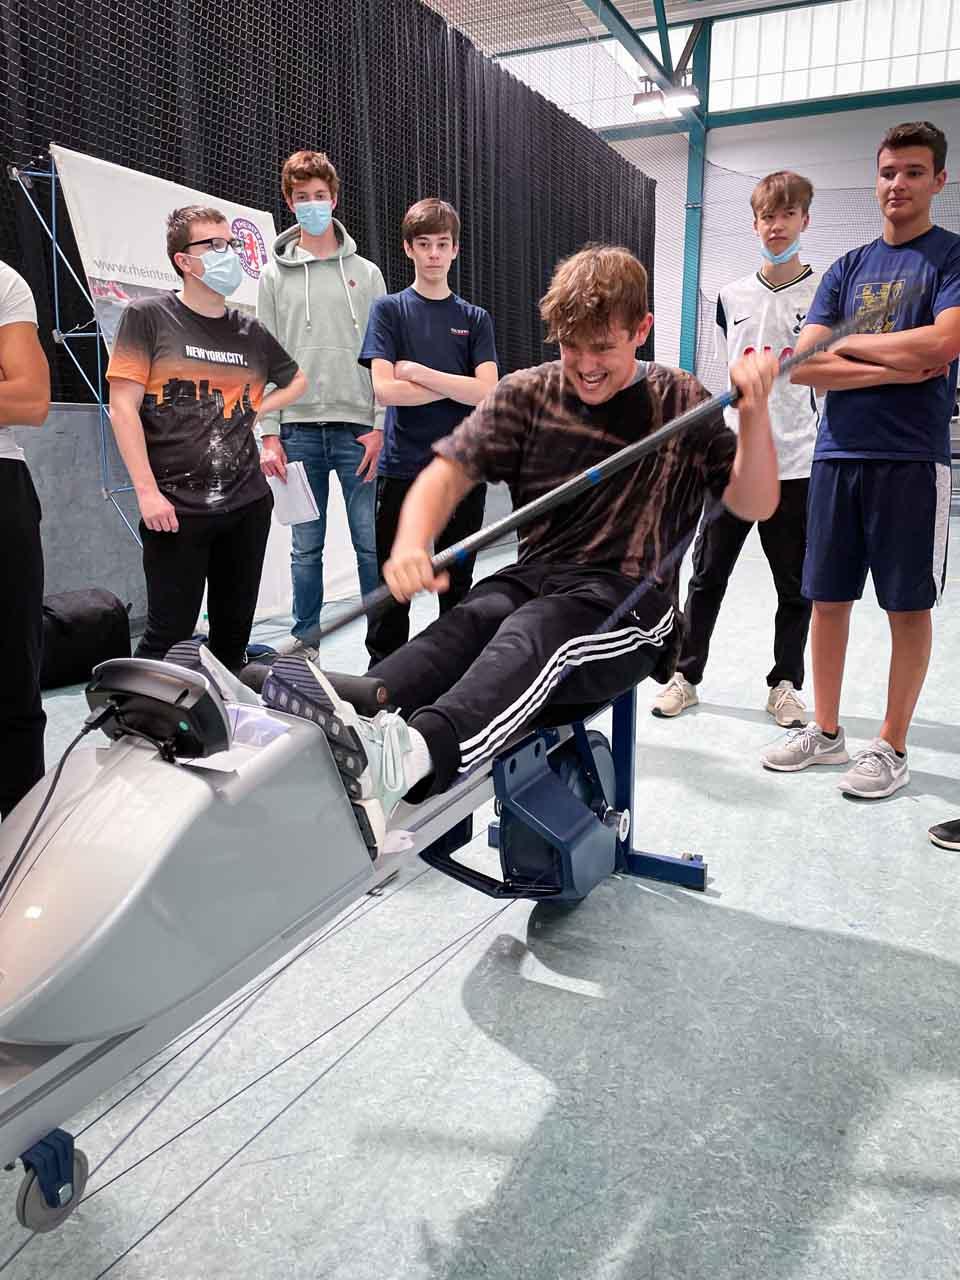 Am Sportpark Niederheid konnten die Kinder und Jugendlichen verschiedene Sportarten ausprobieren(Foto: Stadt Düsseldorf/Feuerwehr)